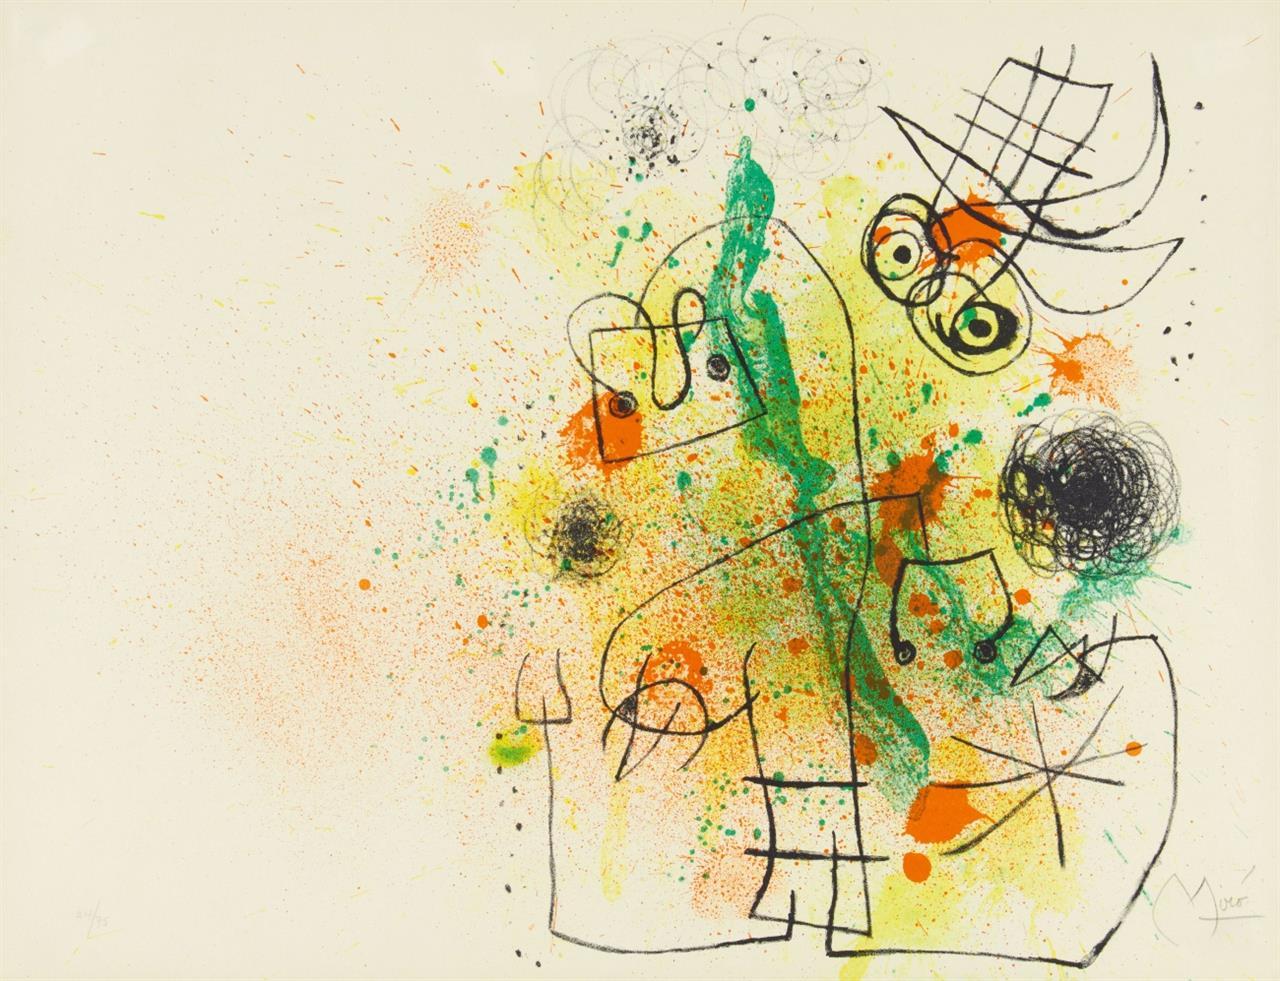 Joan Miró. Femme et Oiseau dans la Tourmente. 1967. Farblithographie. Ex. 24/75. Mourlot 510.